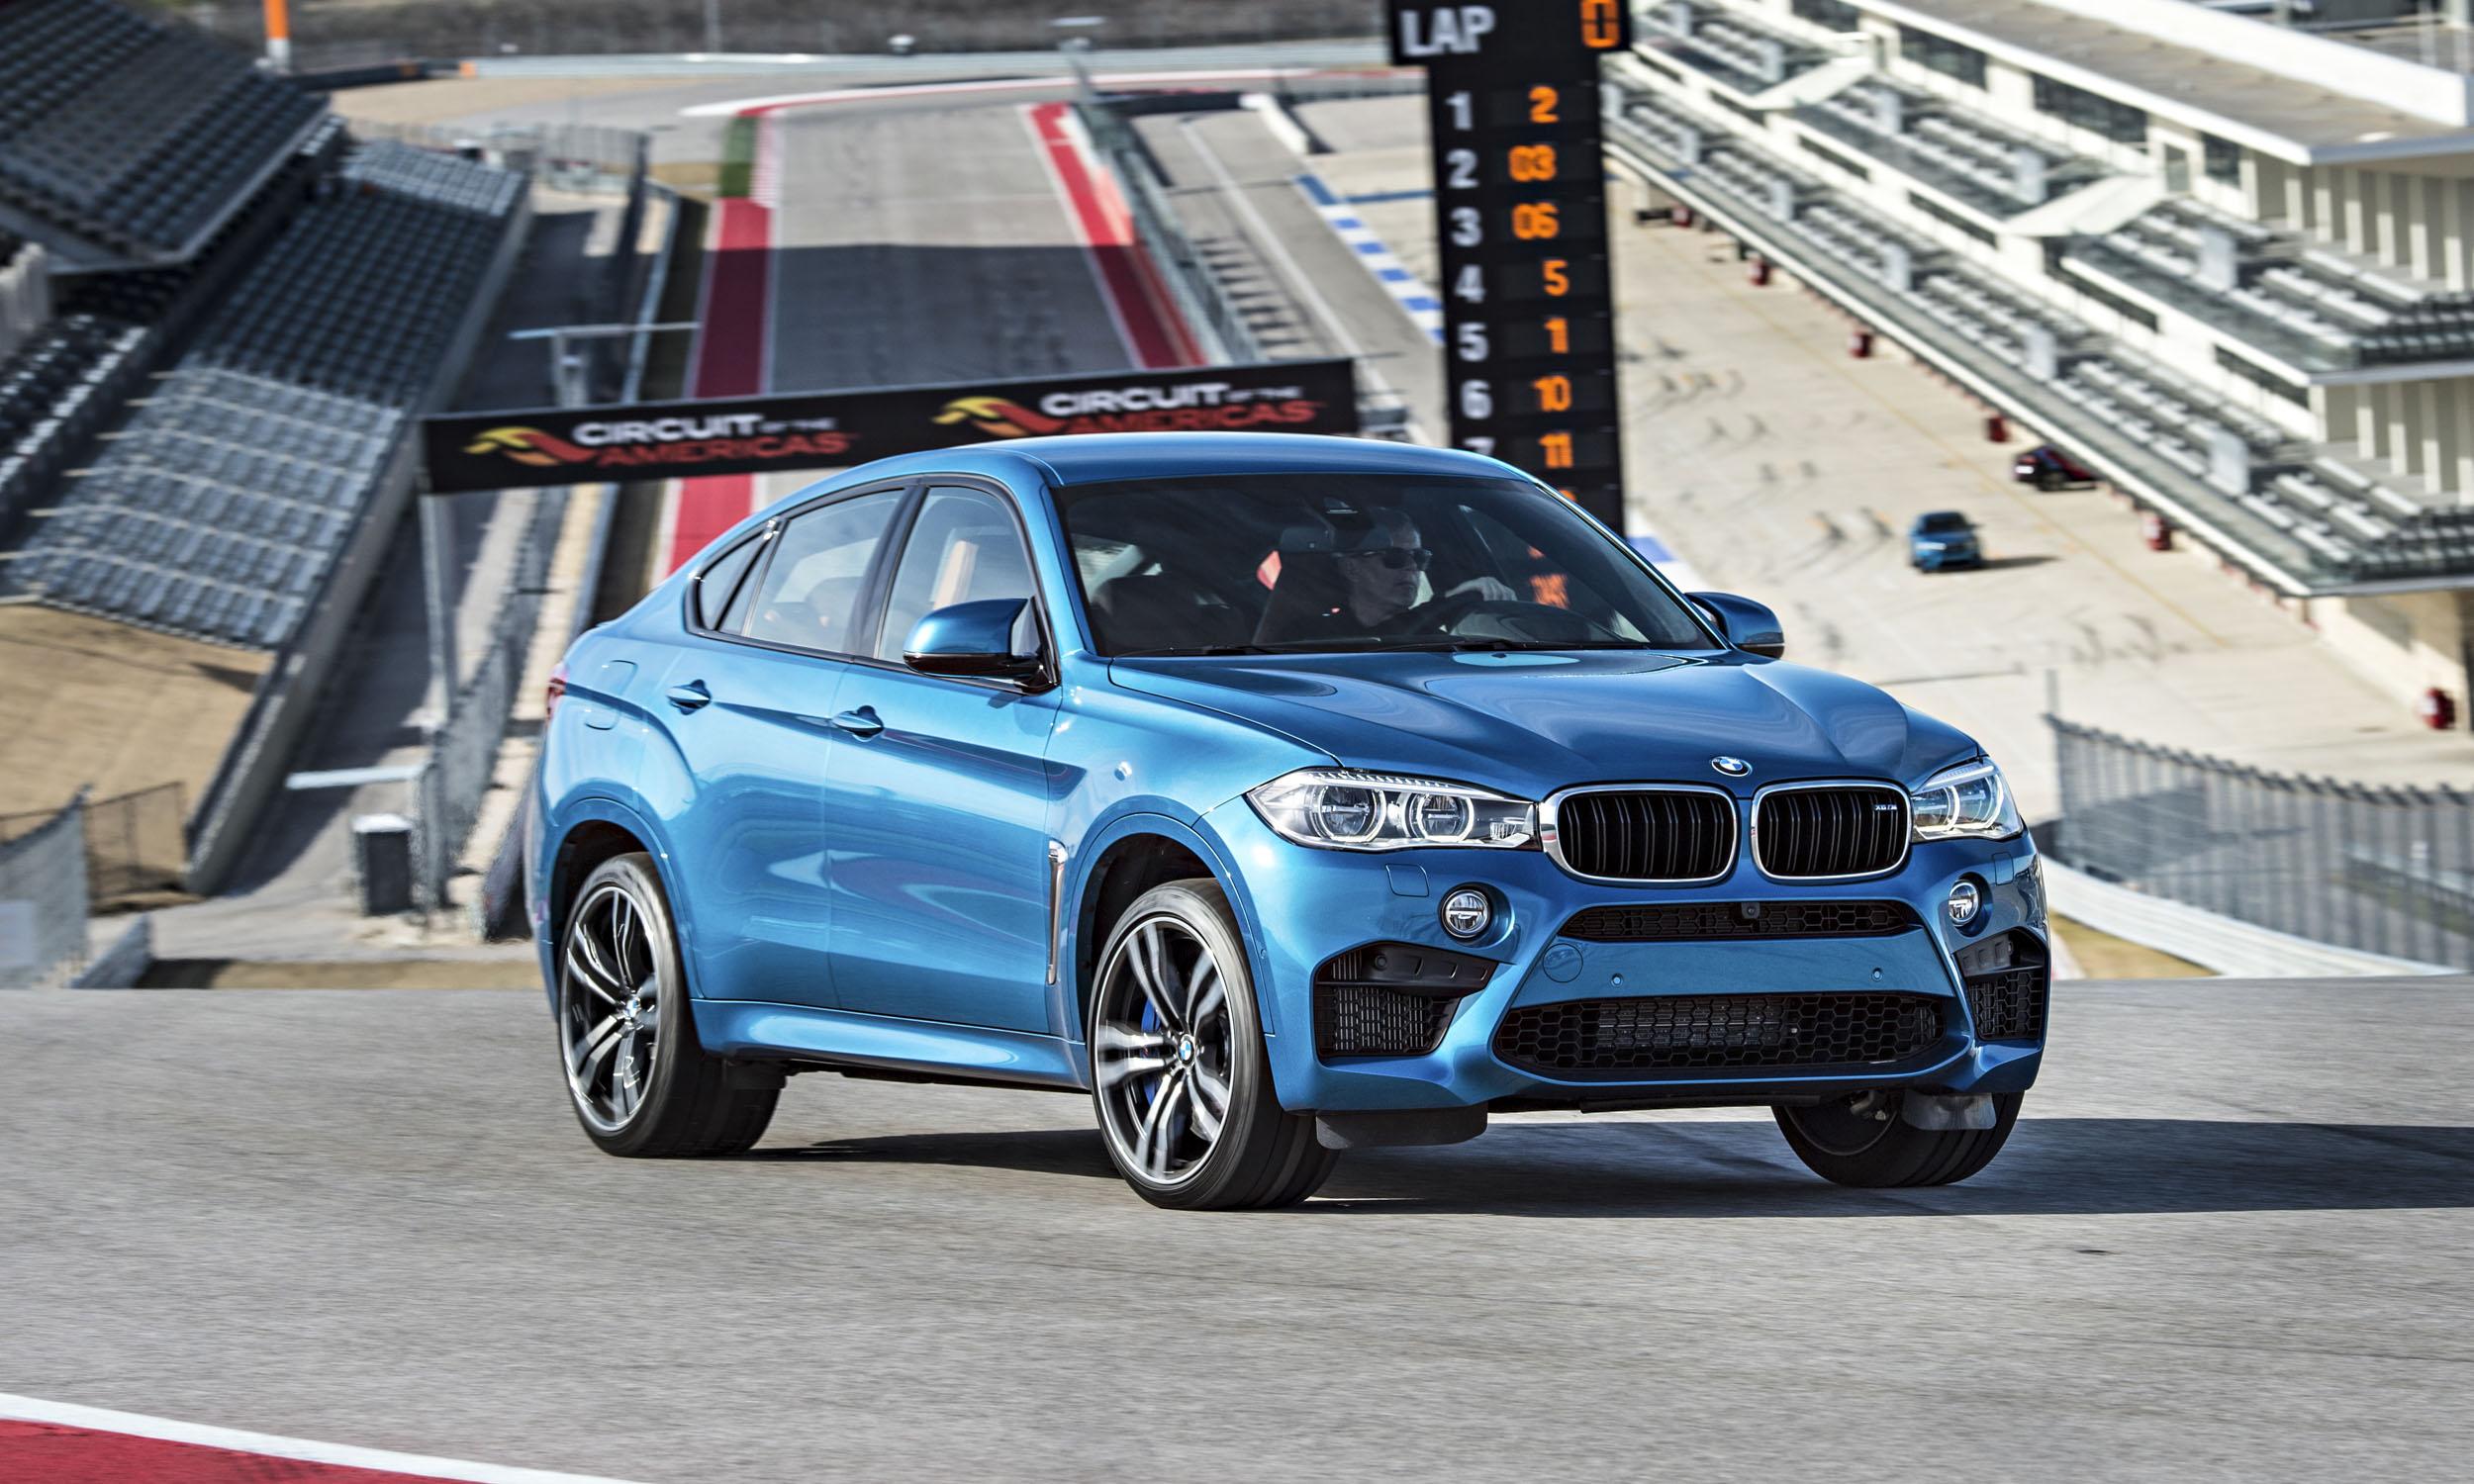 2015 Bmw X6 M Review 187 Autonxt